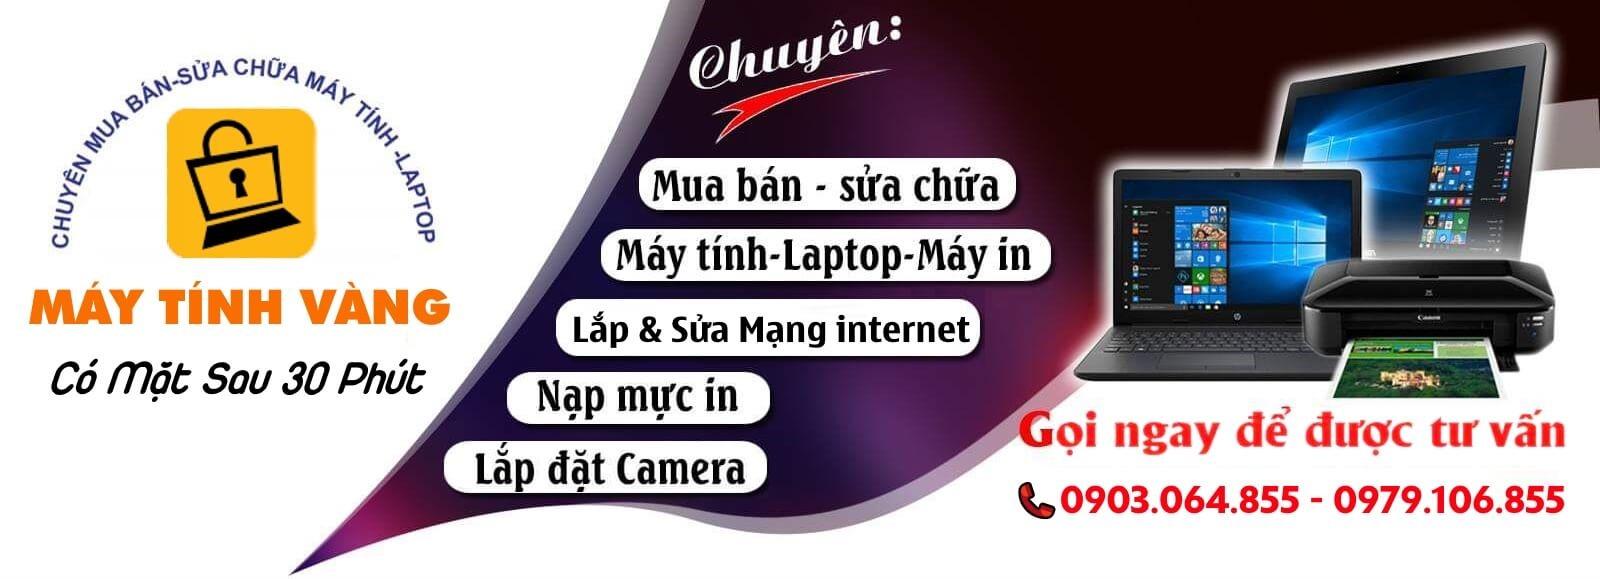 Máy Tính Vàng tự hào là đơn vị sửa laptop tại nhà uy tín, chuyên nghiệp hàng đầu hiện nay